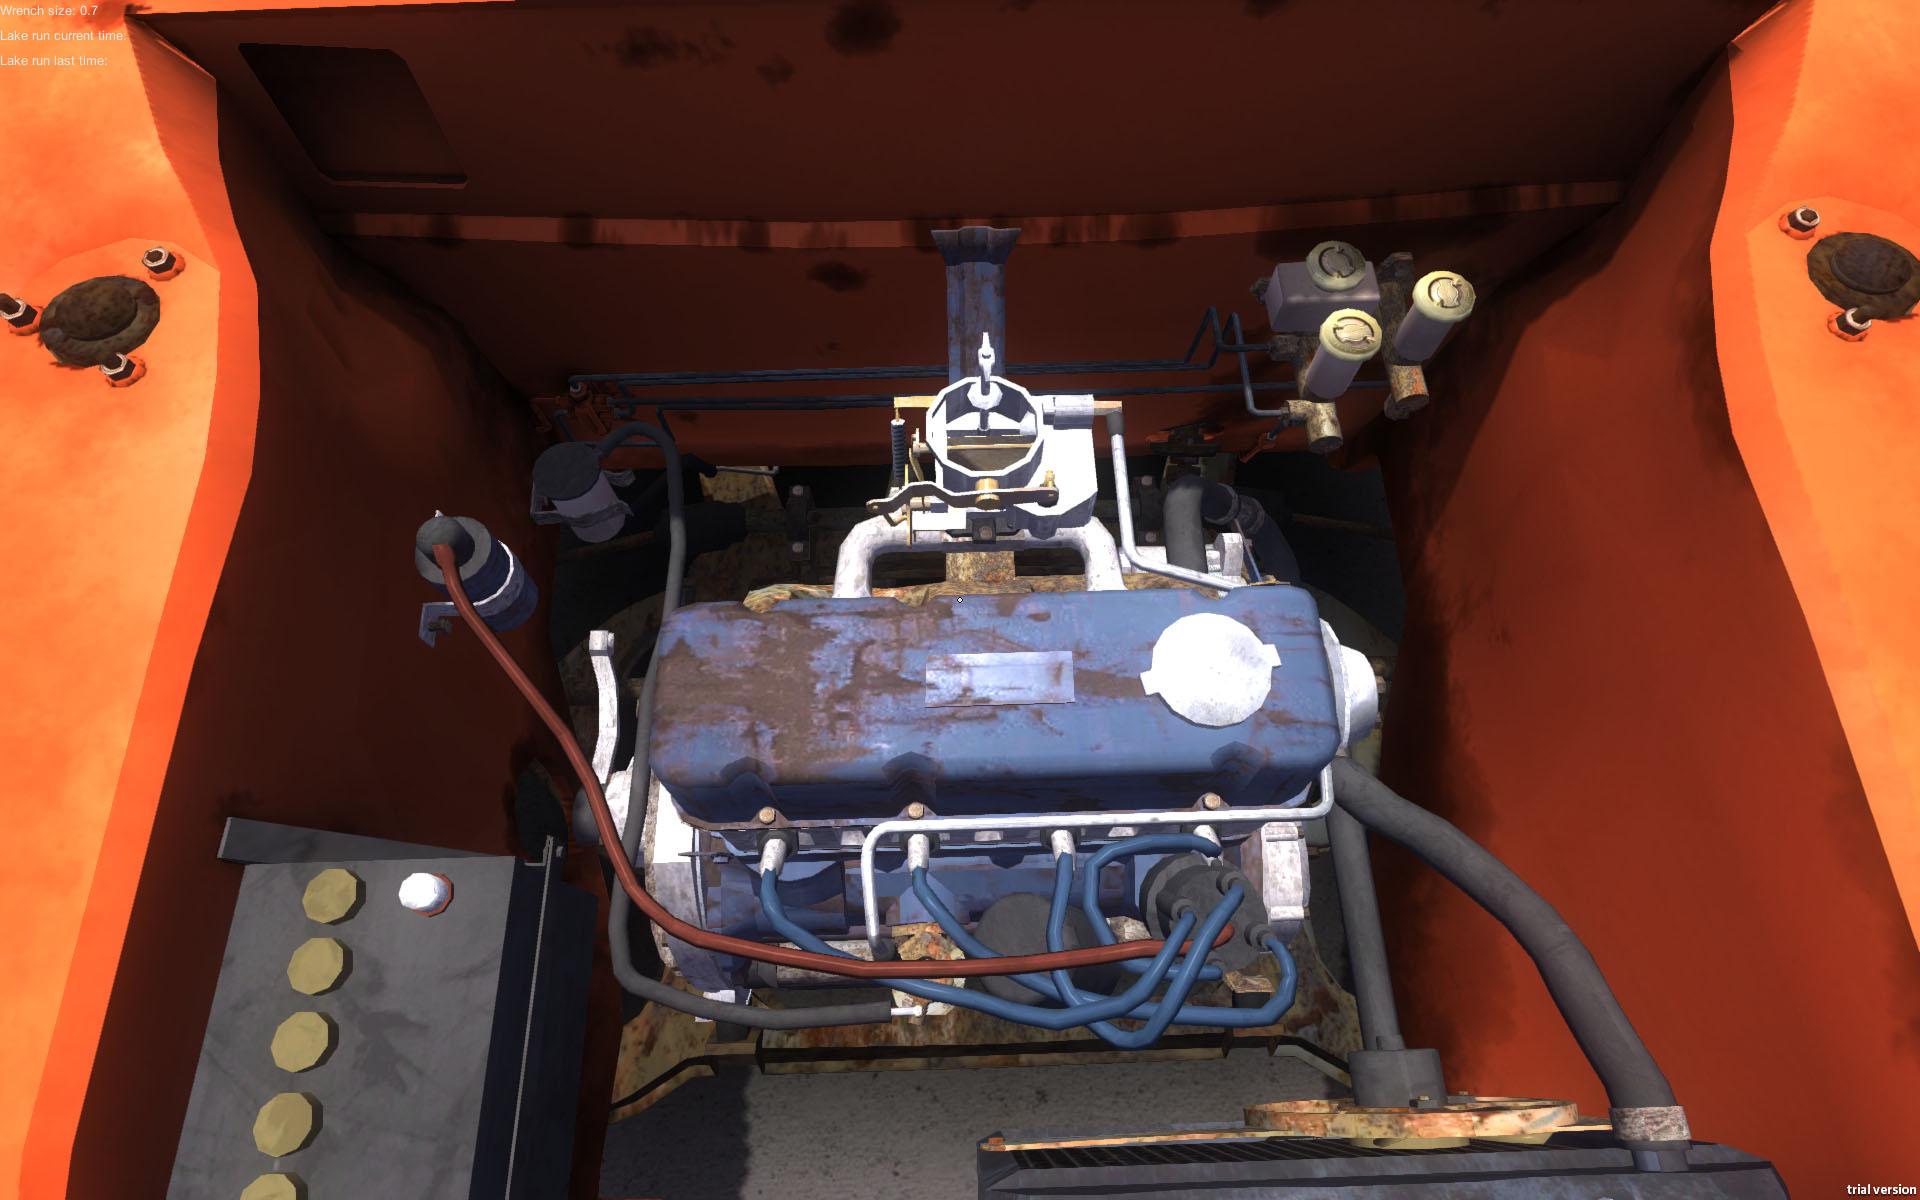 エンジン内部。工具で改造や修理が出来る。開発者いわく「かなり難しいハードコアな車パズル」